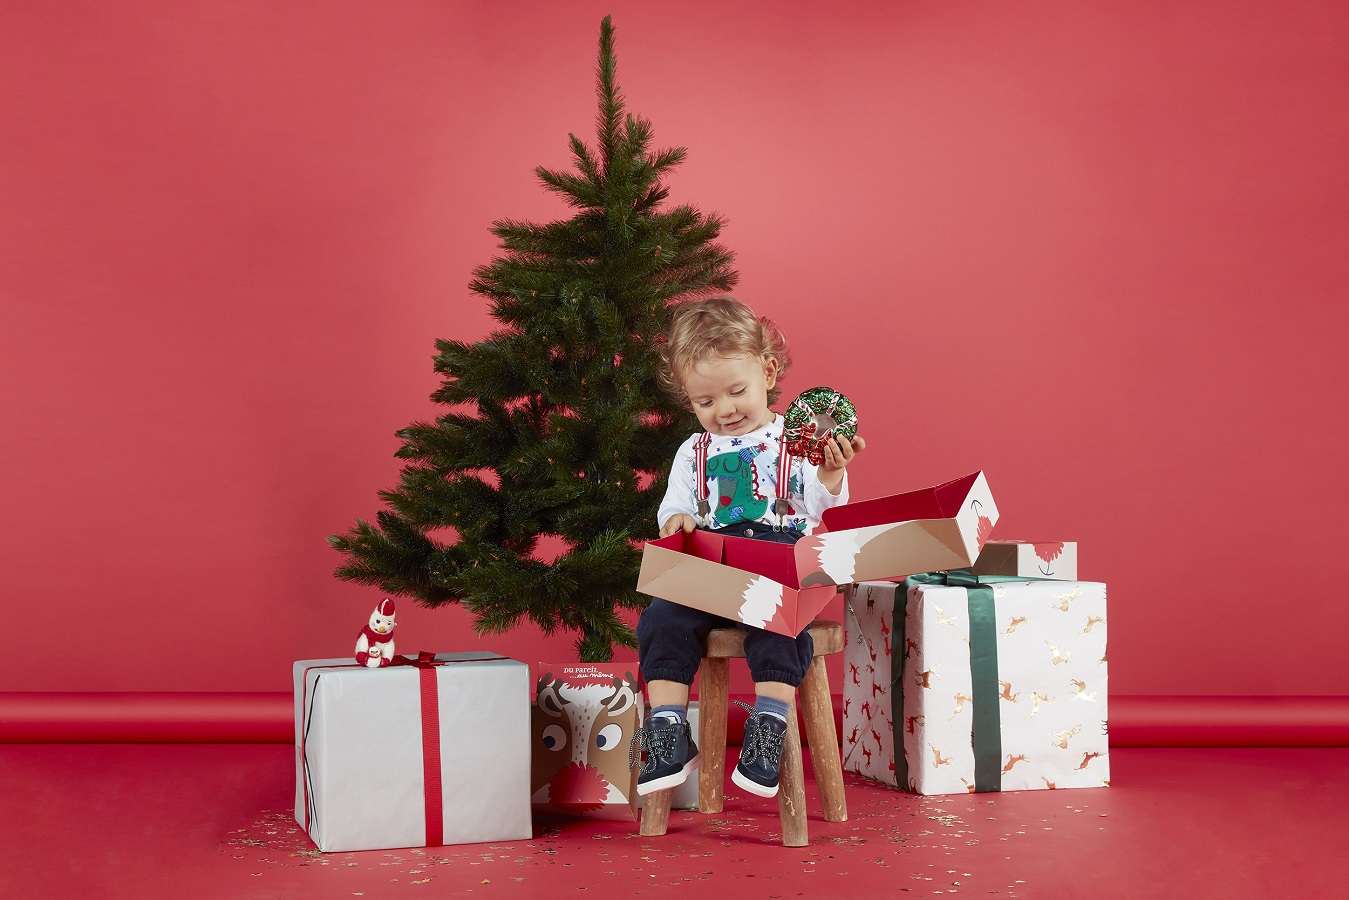 Μια λίστα με «μαγικές» προτάσεις δώρων που θα ομορφύνουν τις γιορτές των παιδιών